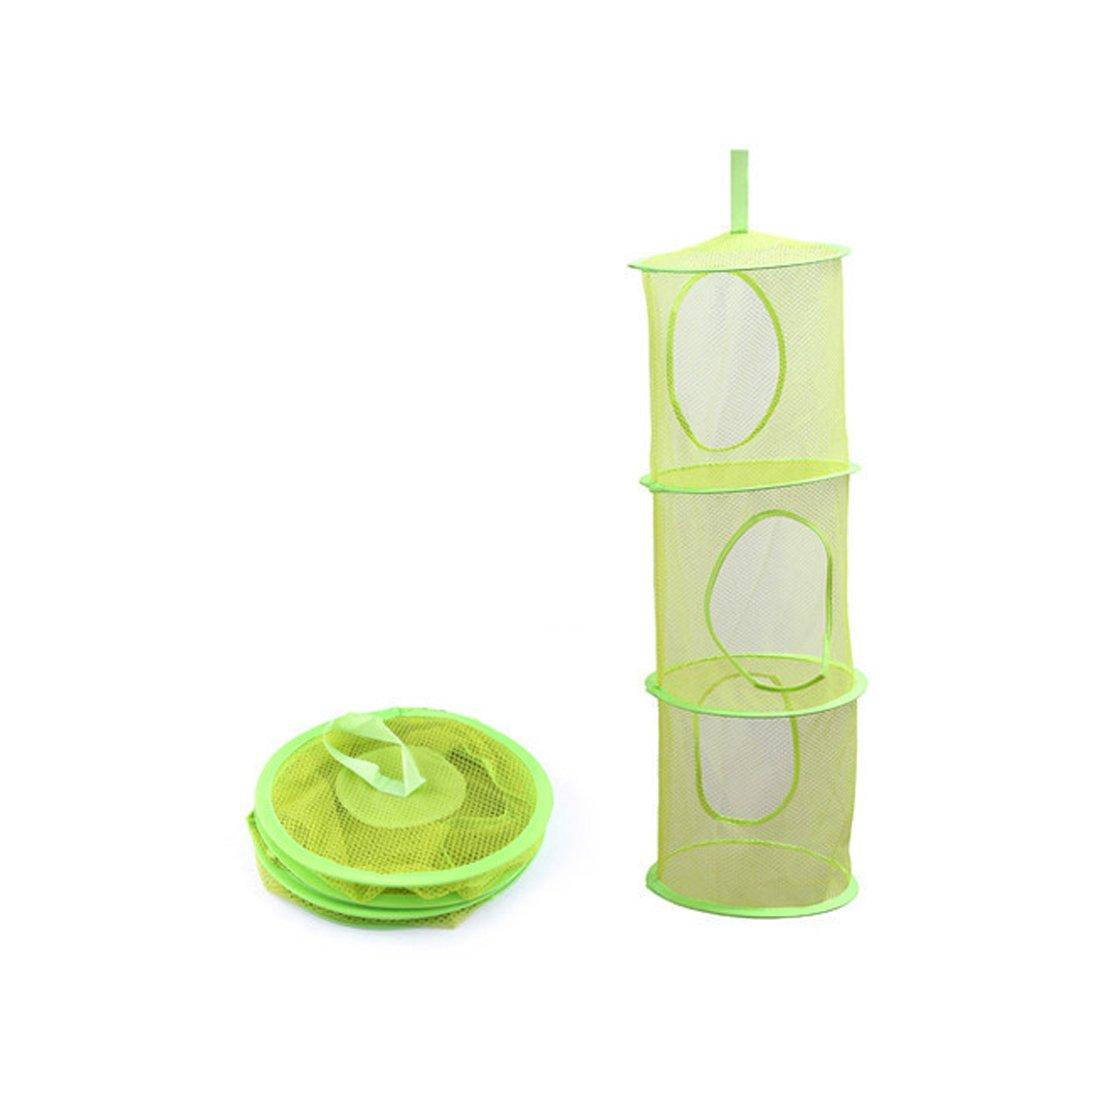 Luwu-Store 3/Regal Spielzeug zum Aufh/ängen Organizer Tasche Aufbewahrung Netz Korb Schlafzimmer Schrank Organisatoren Rose